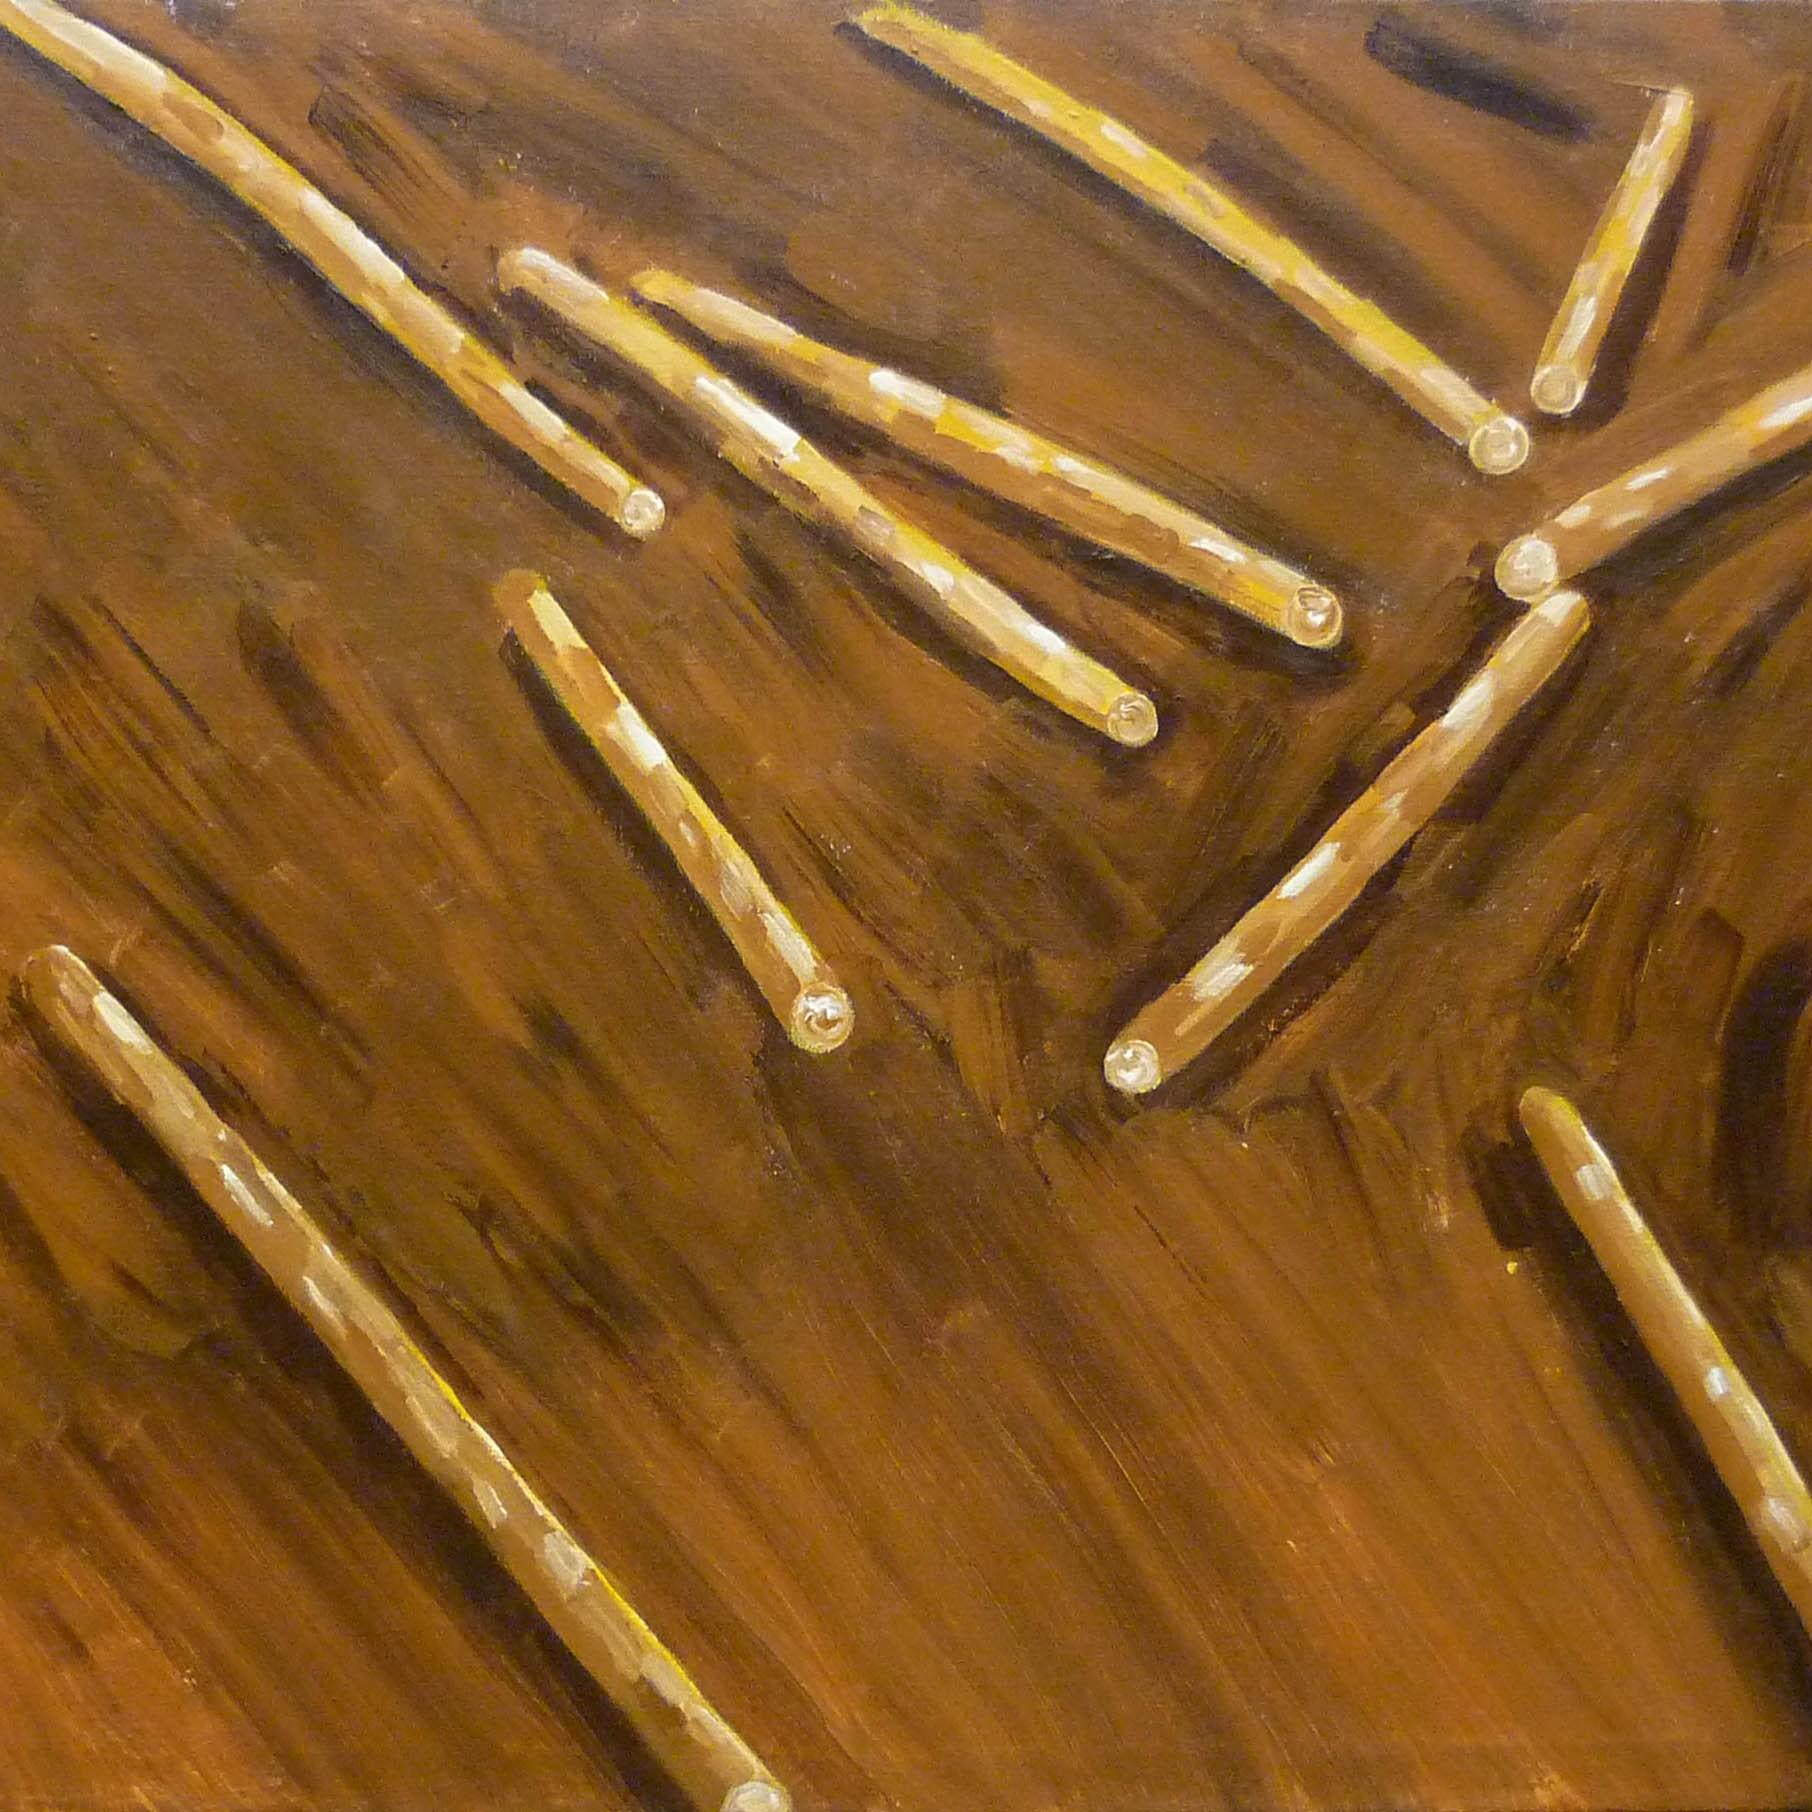 finské dřevo / finnish wood, akryl na plátně / acrylic on canvas, 135x120 cm, 2012